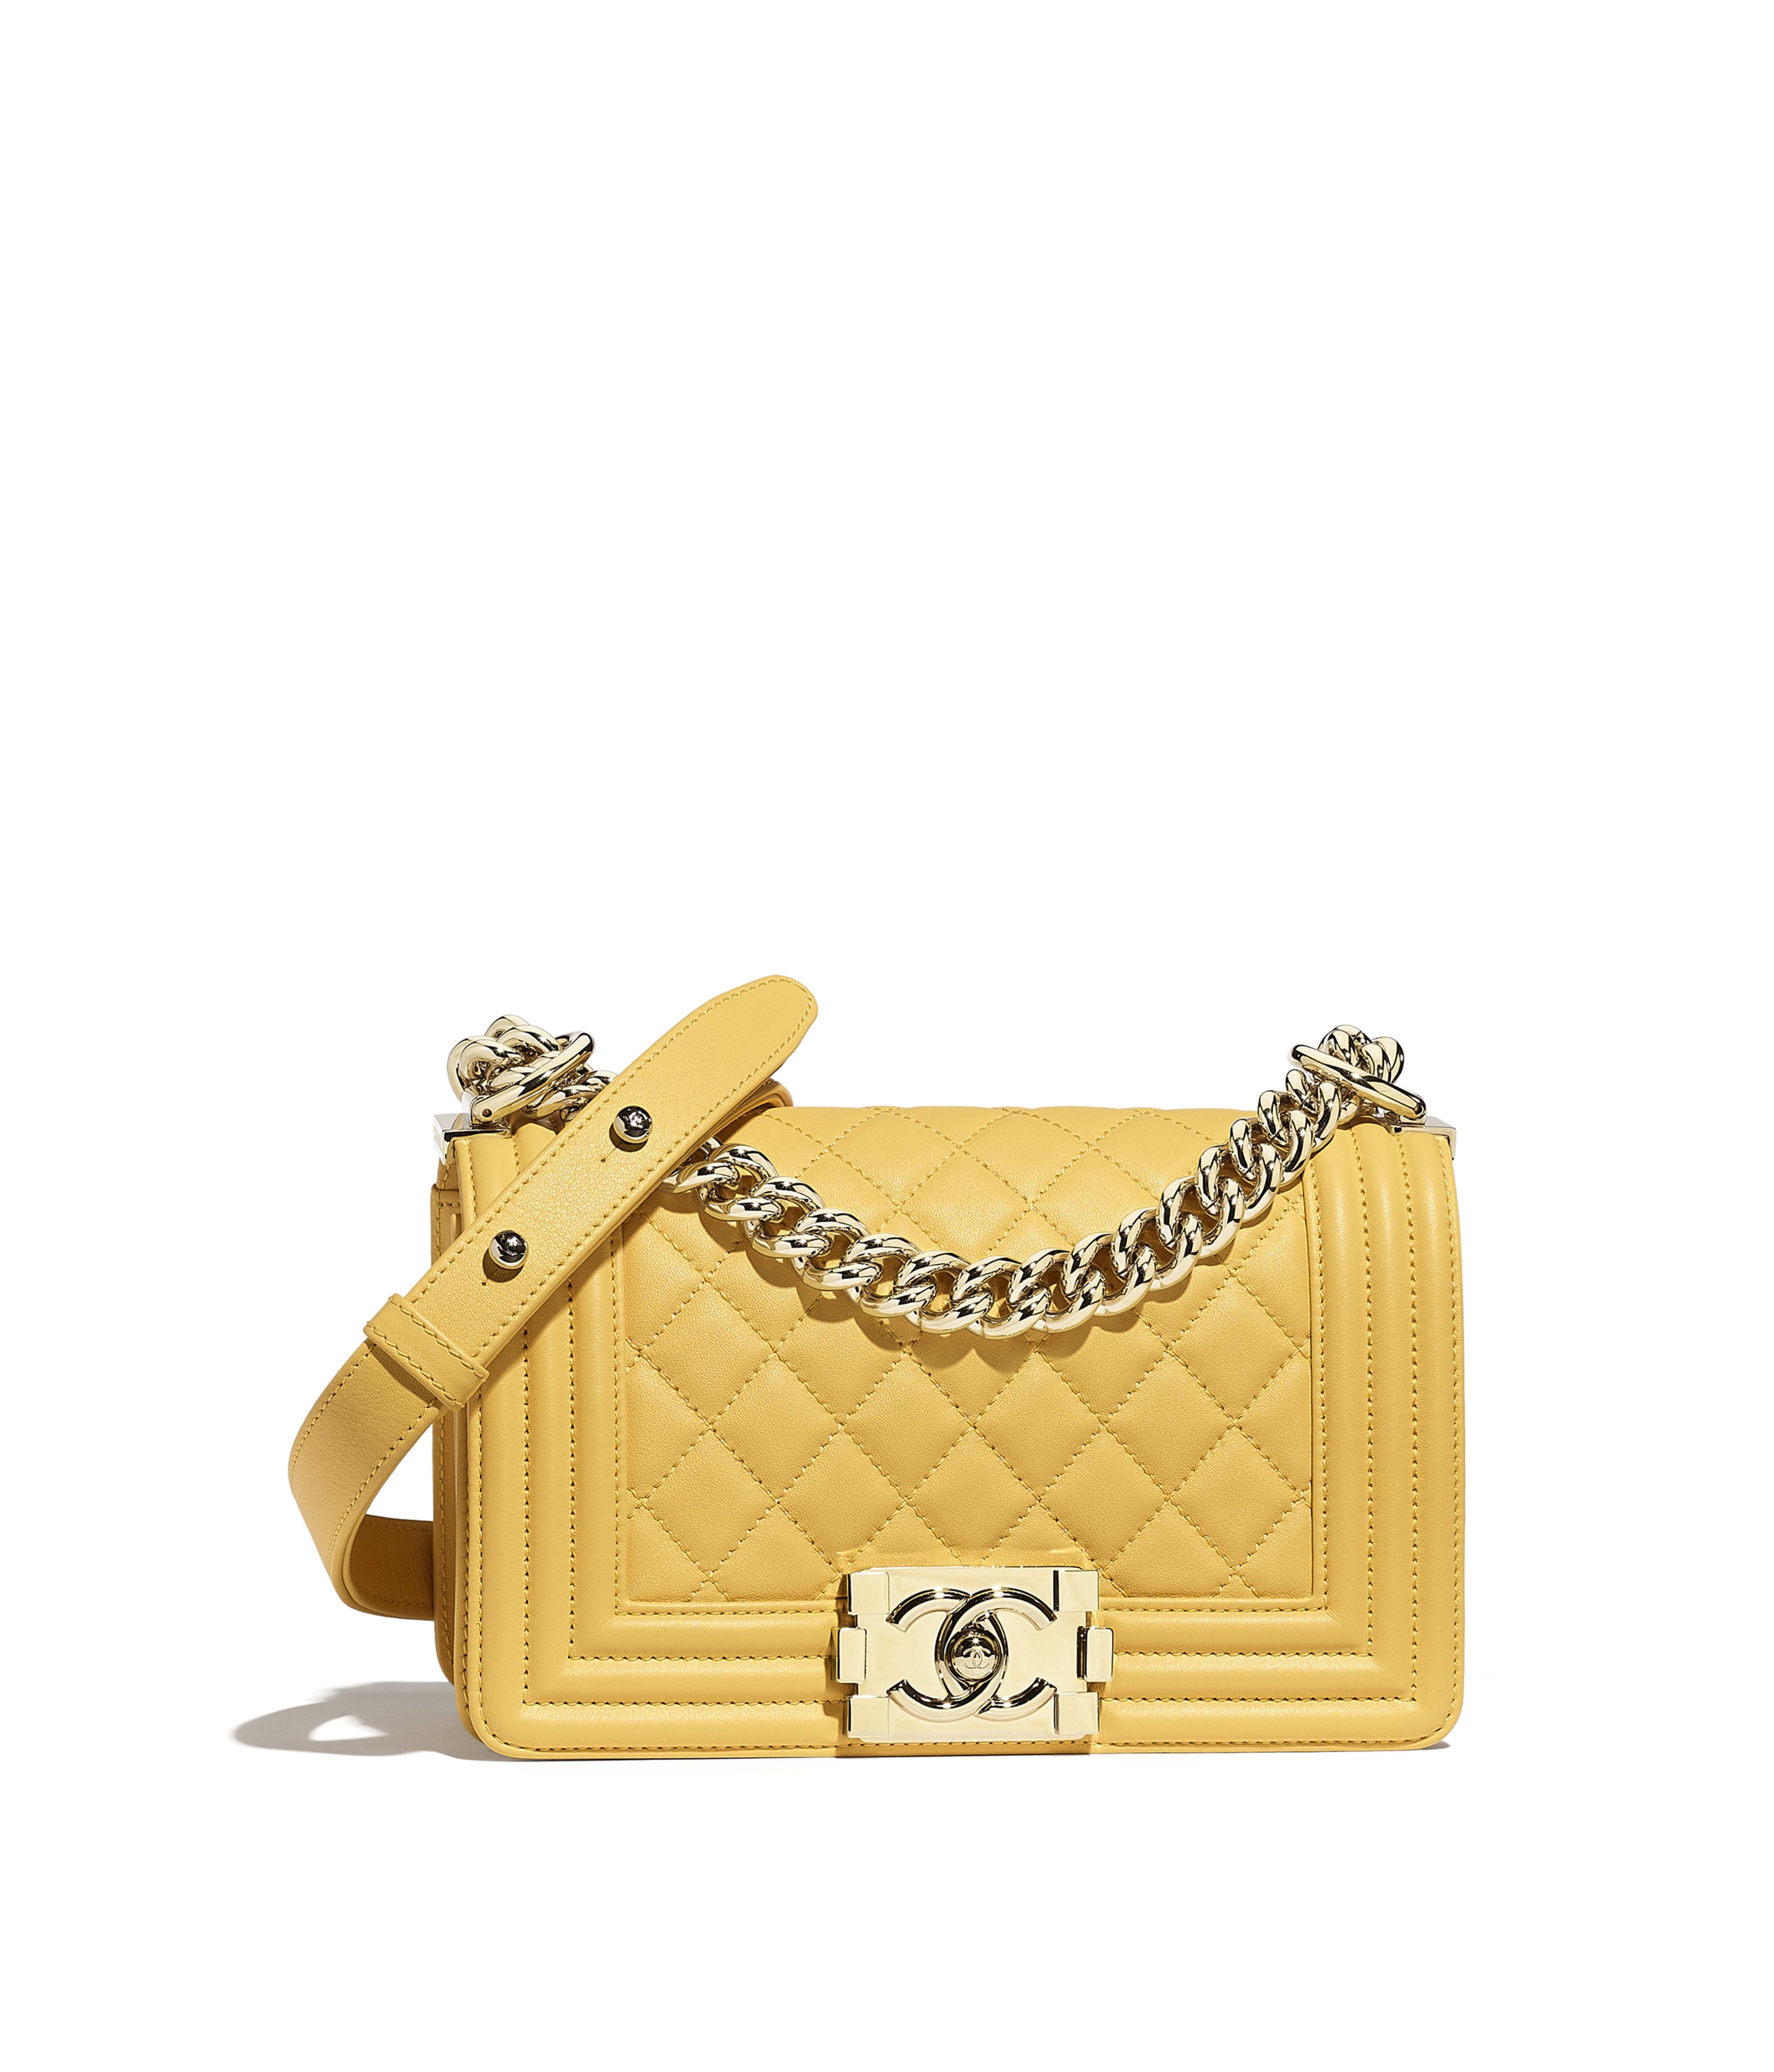 Small Boy Chanel Handbag Calfskin Gold Tone Metal Yellow Ref A67085y255695b642